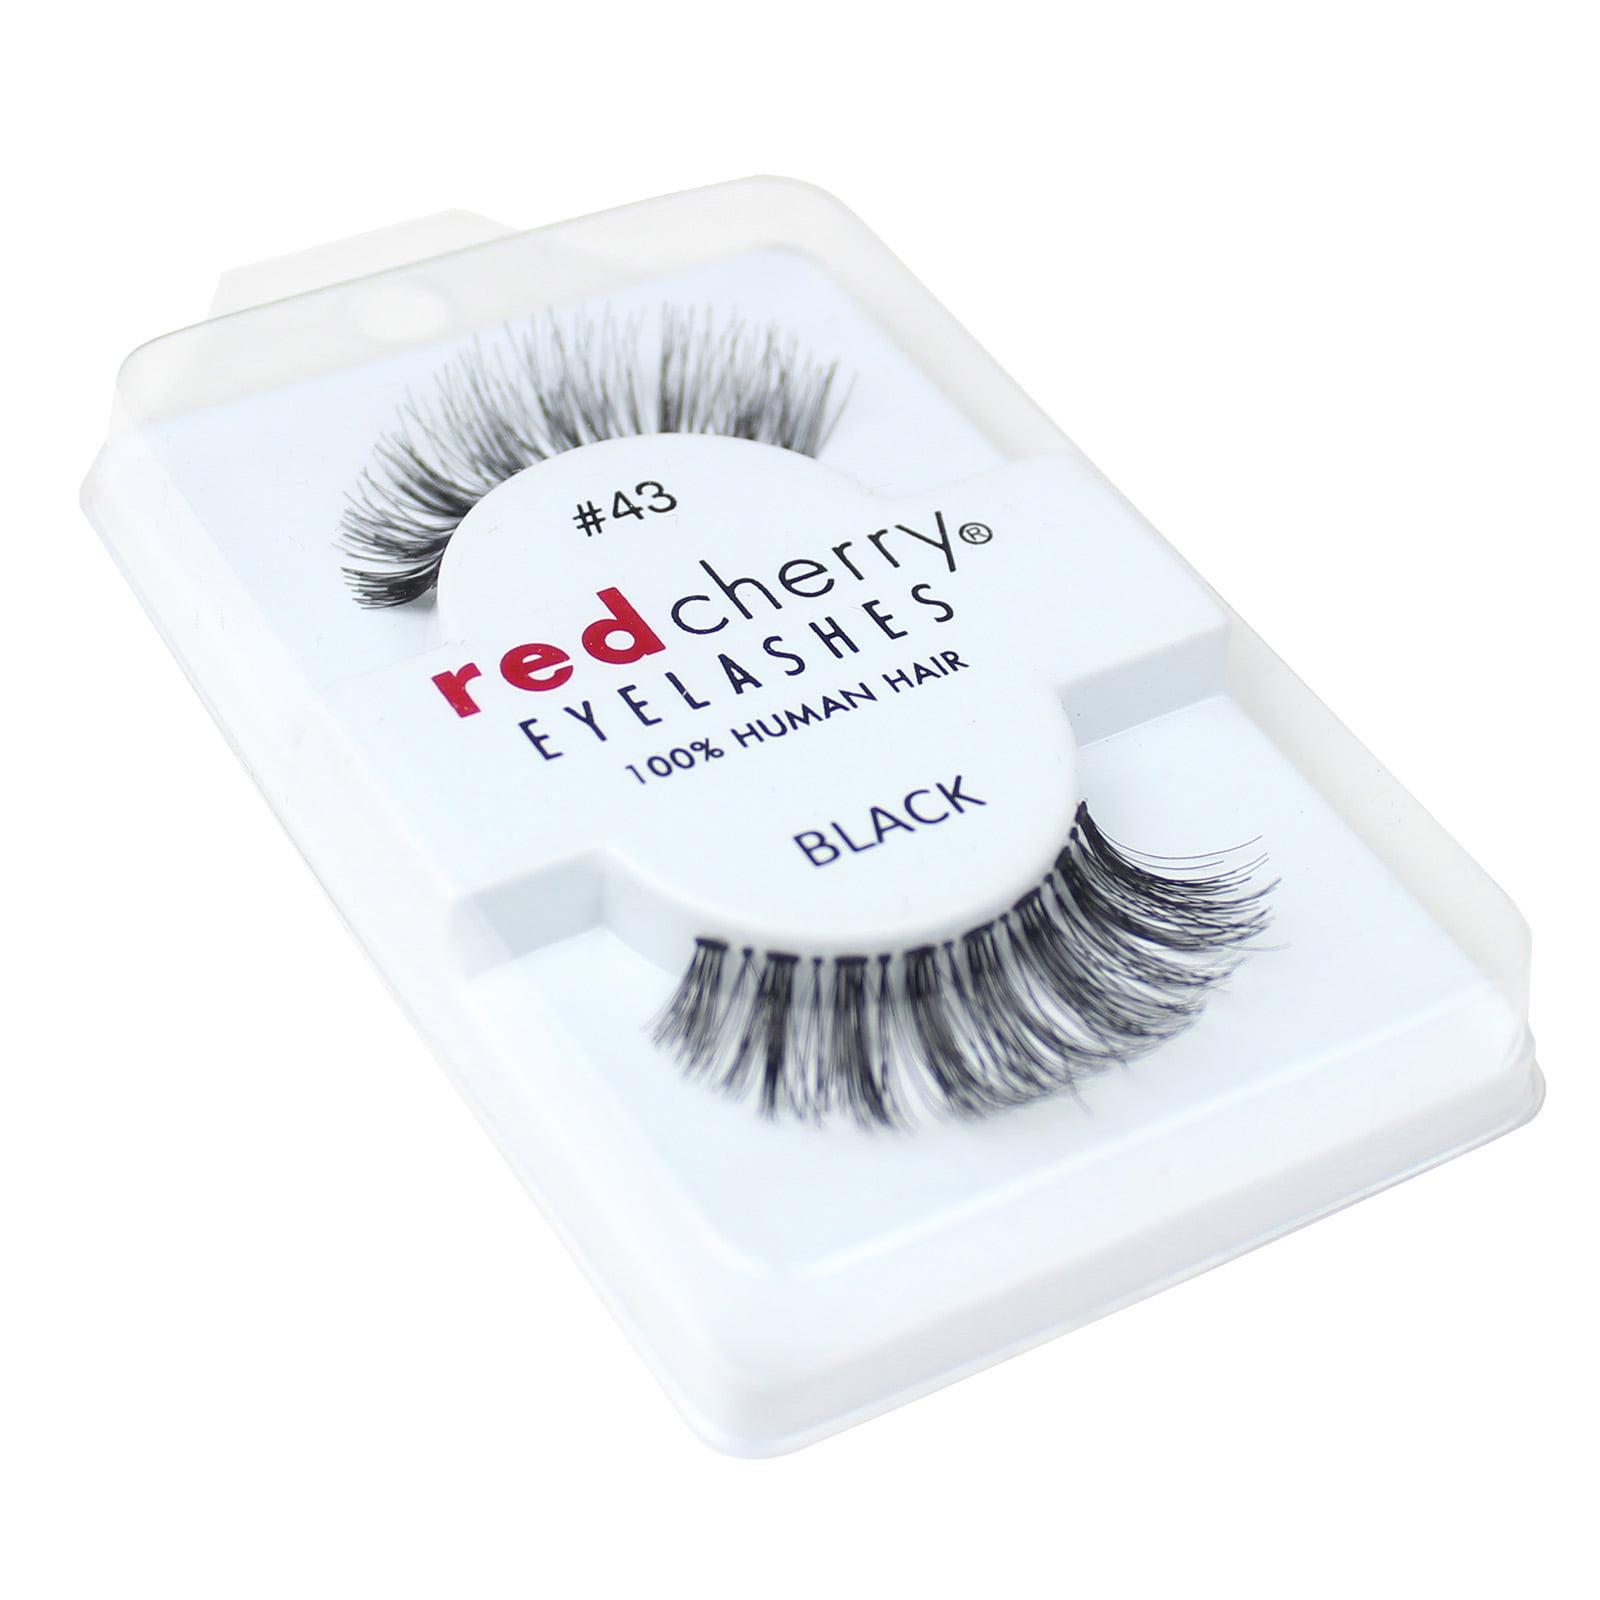 Red Cherry 100% Human Hair False Eye Lashes Fake Eye Lashes #43 Stevl